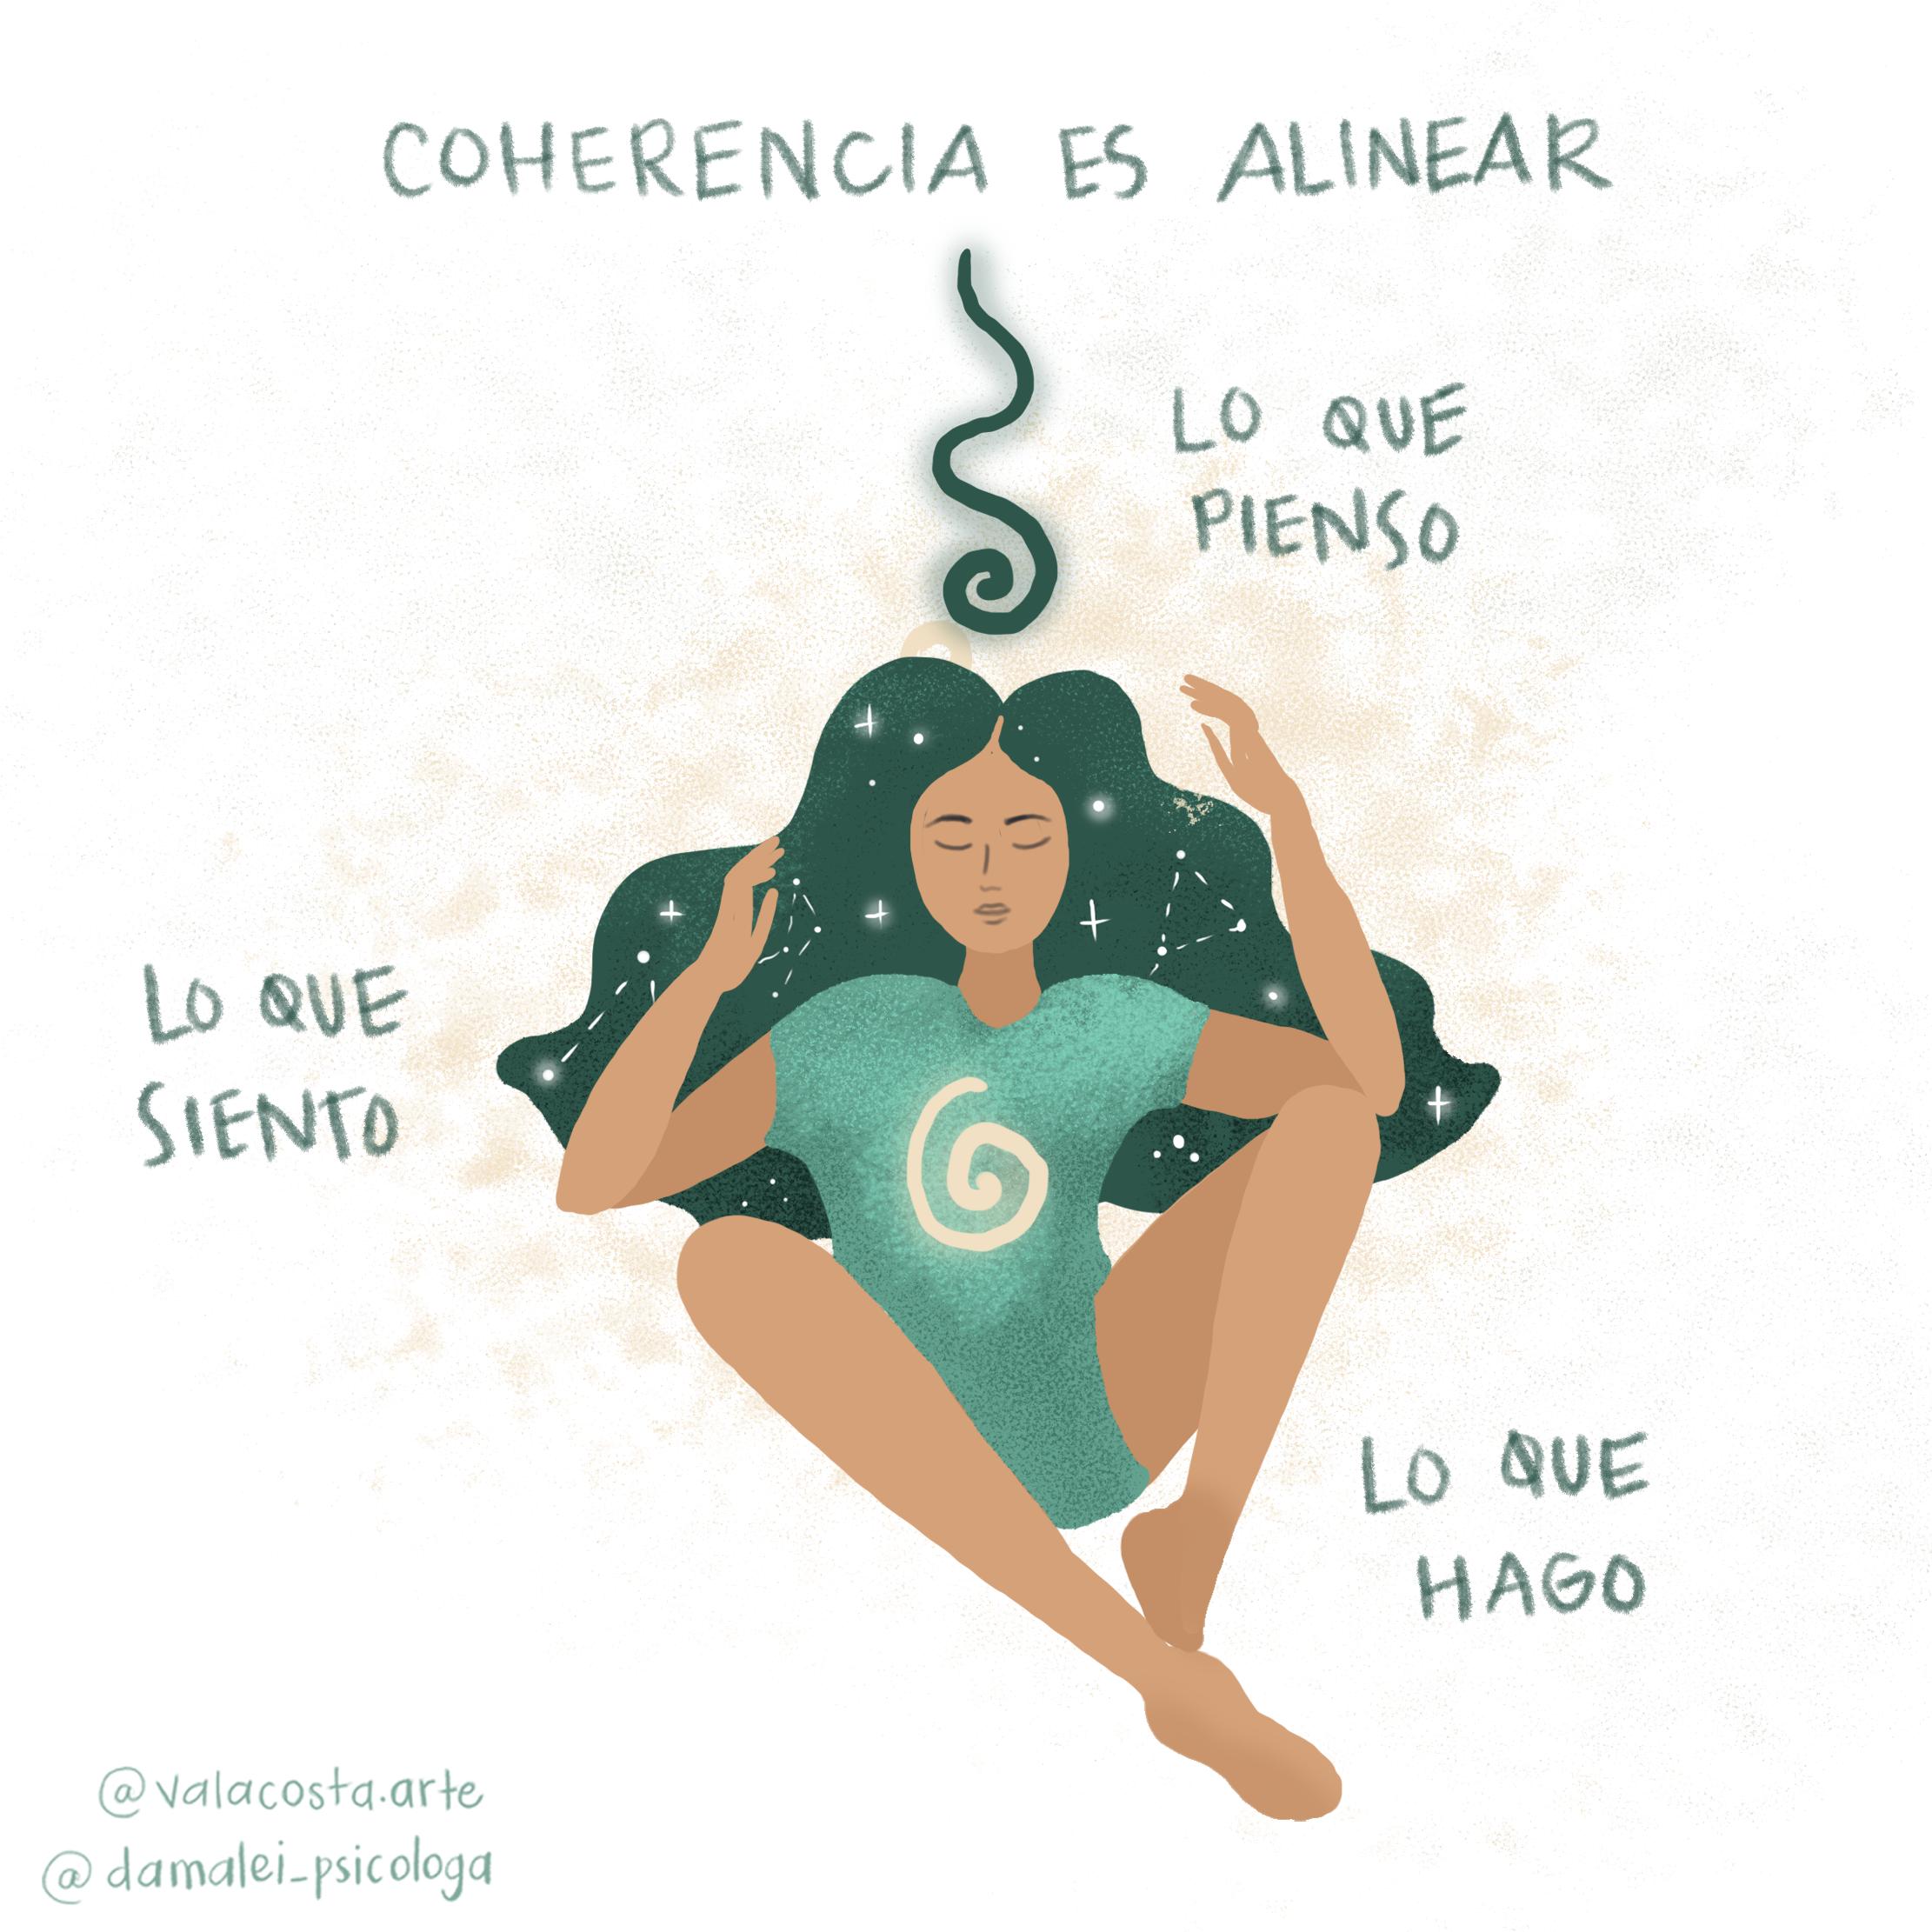 cómo sentir la coherencia de una forma saludable